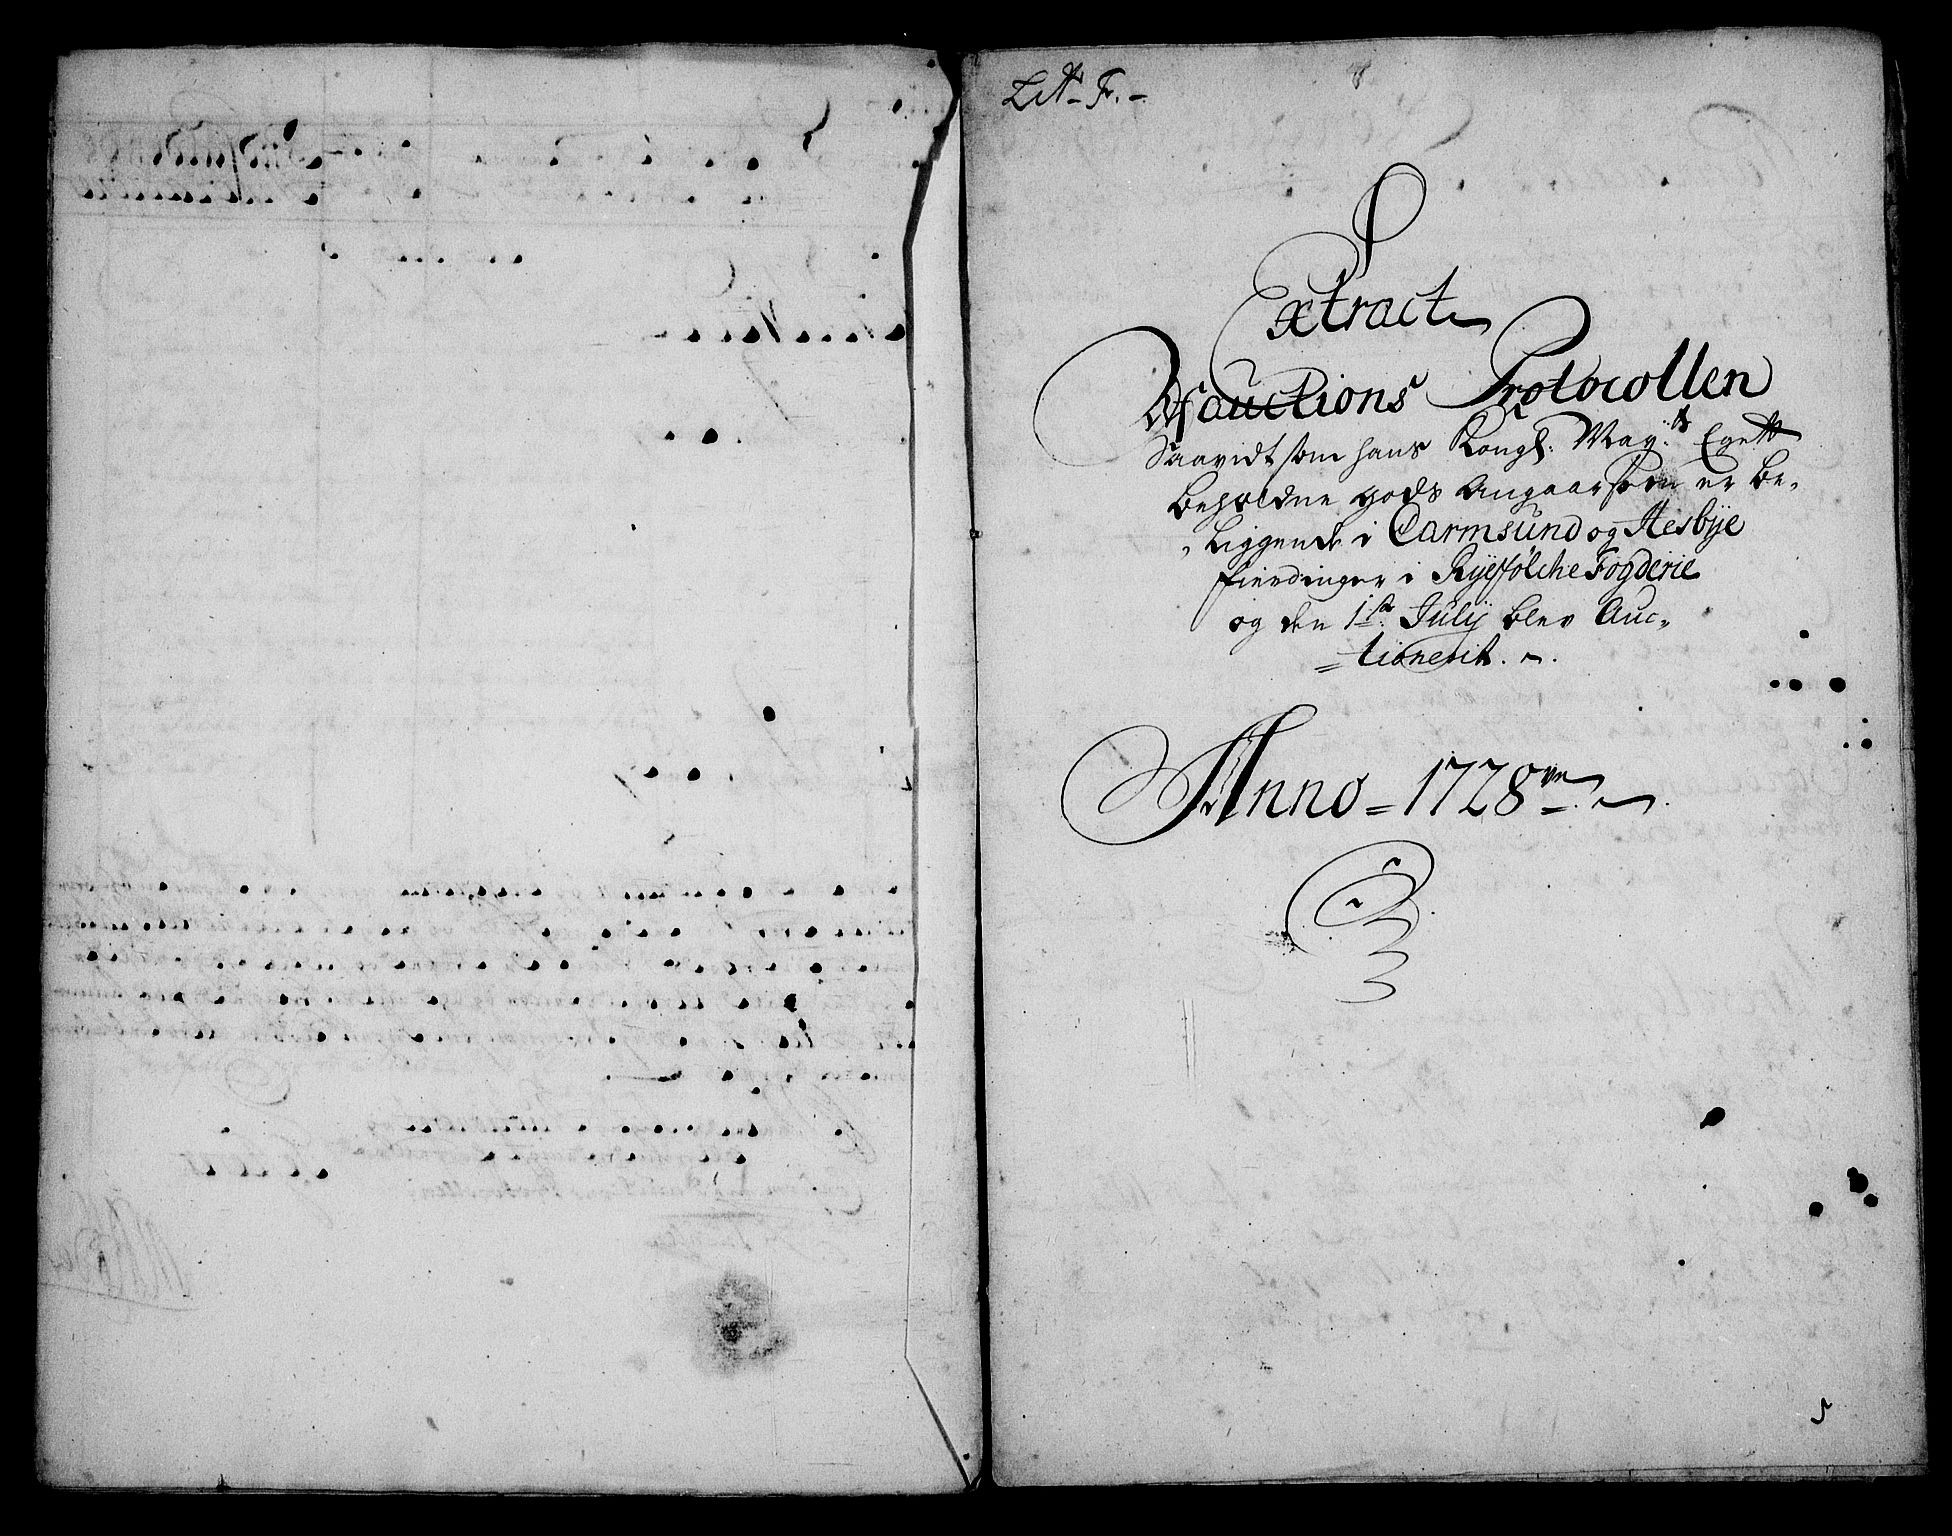 RA, Rentekammeret inntil 1814, Realistisk ordnet avdeling, On/L0003: [Jj 4]: Kommisjonsforretning over Vilhelm Hanssøns forpaktning av Halsnøy klosters gods, 1721-1729, s. 323